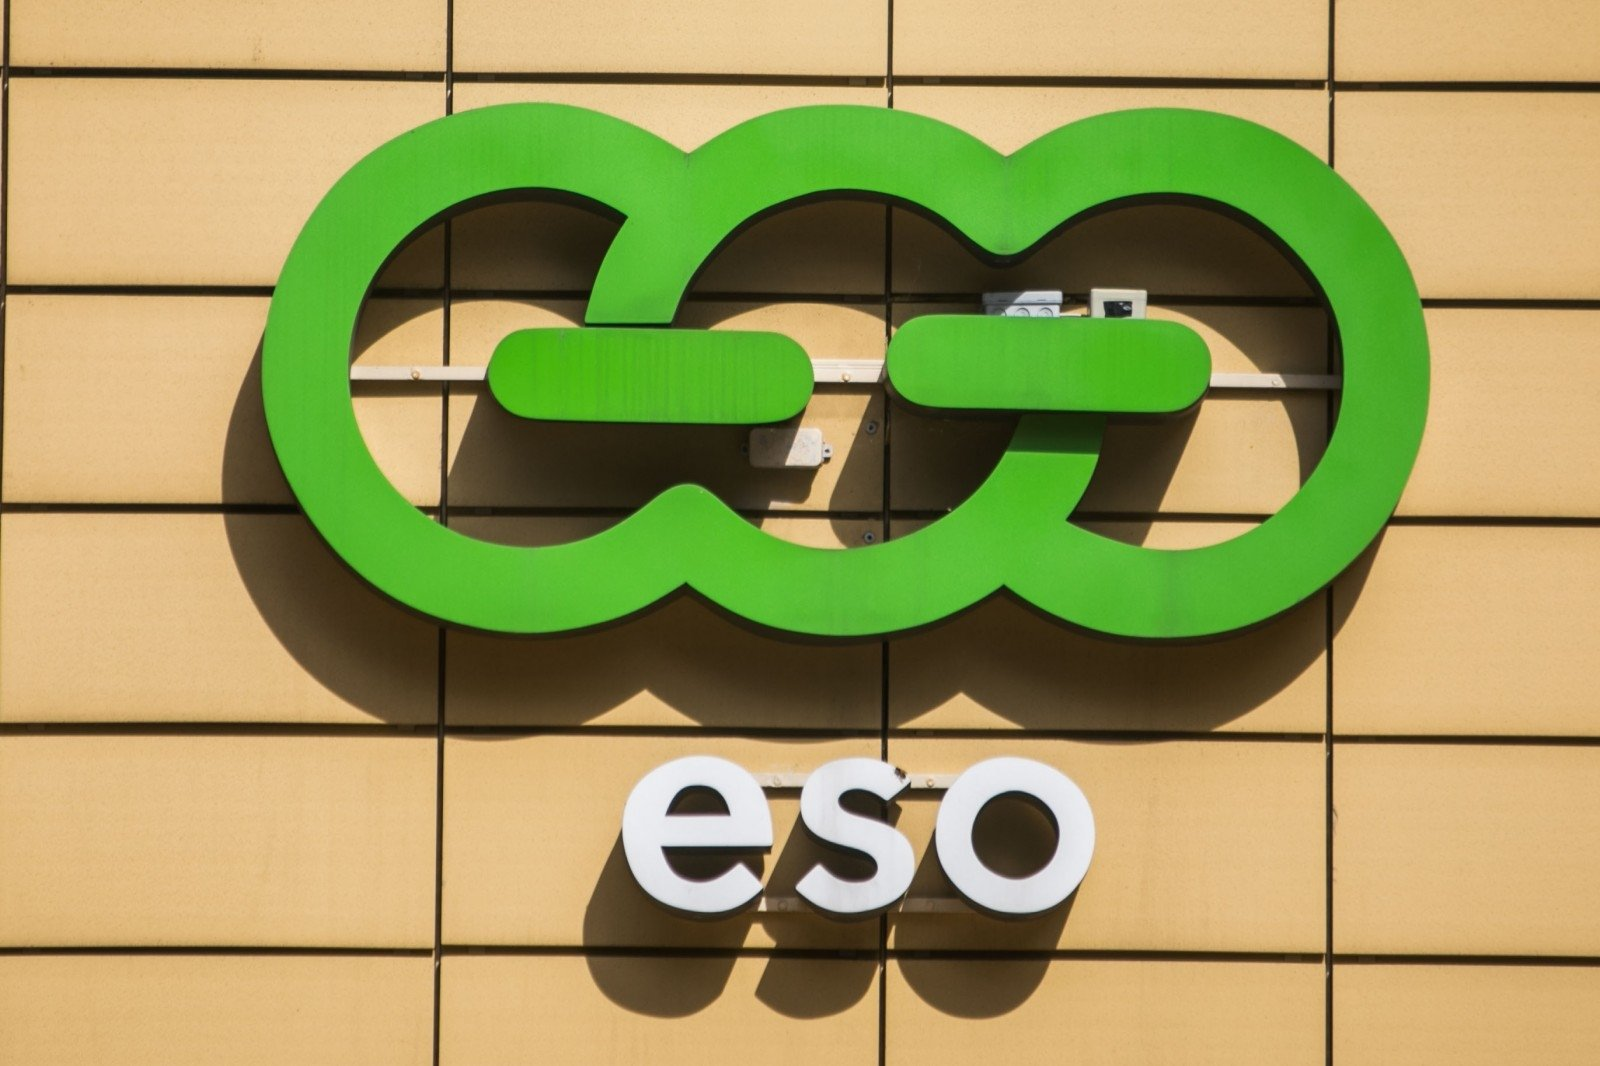 Jei ESO gavo 111,2 mln pelno tai tik reiškia jog tai mes sumokejome 111,2 mln euru per daug....